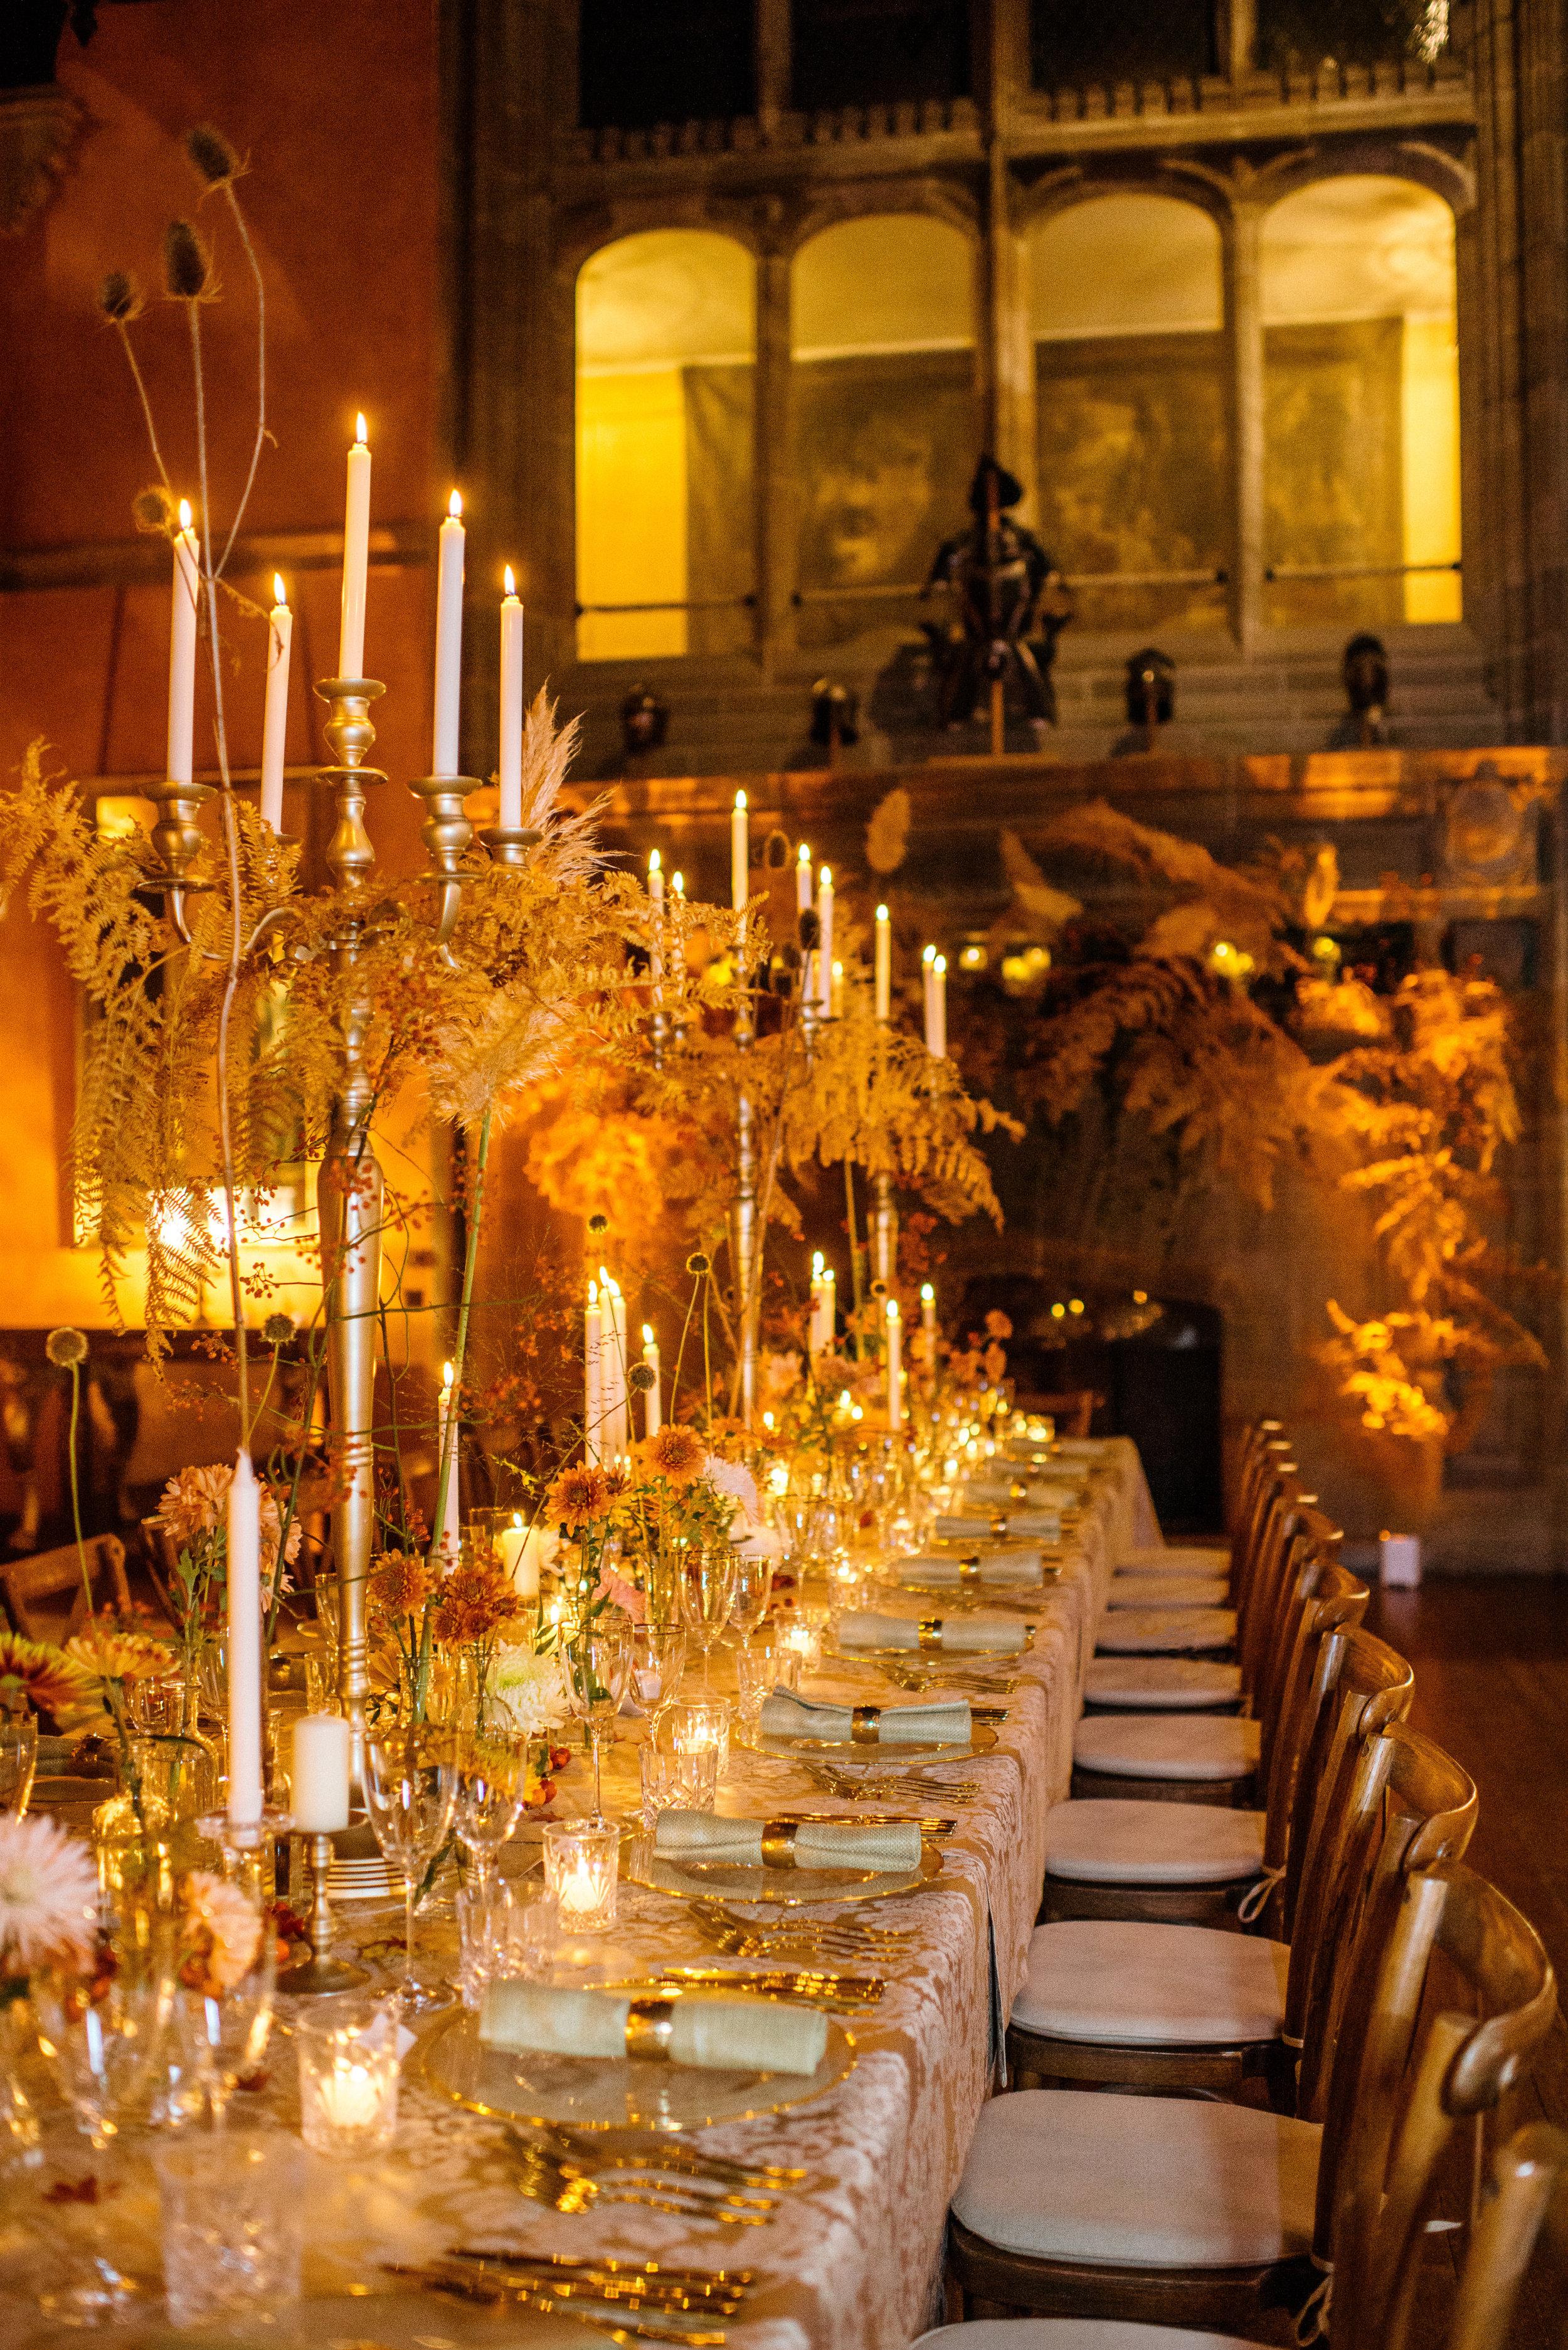 Candelabra with bracken Autumn Dinner Cowdray House